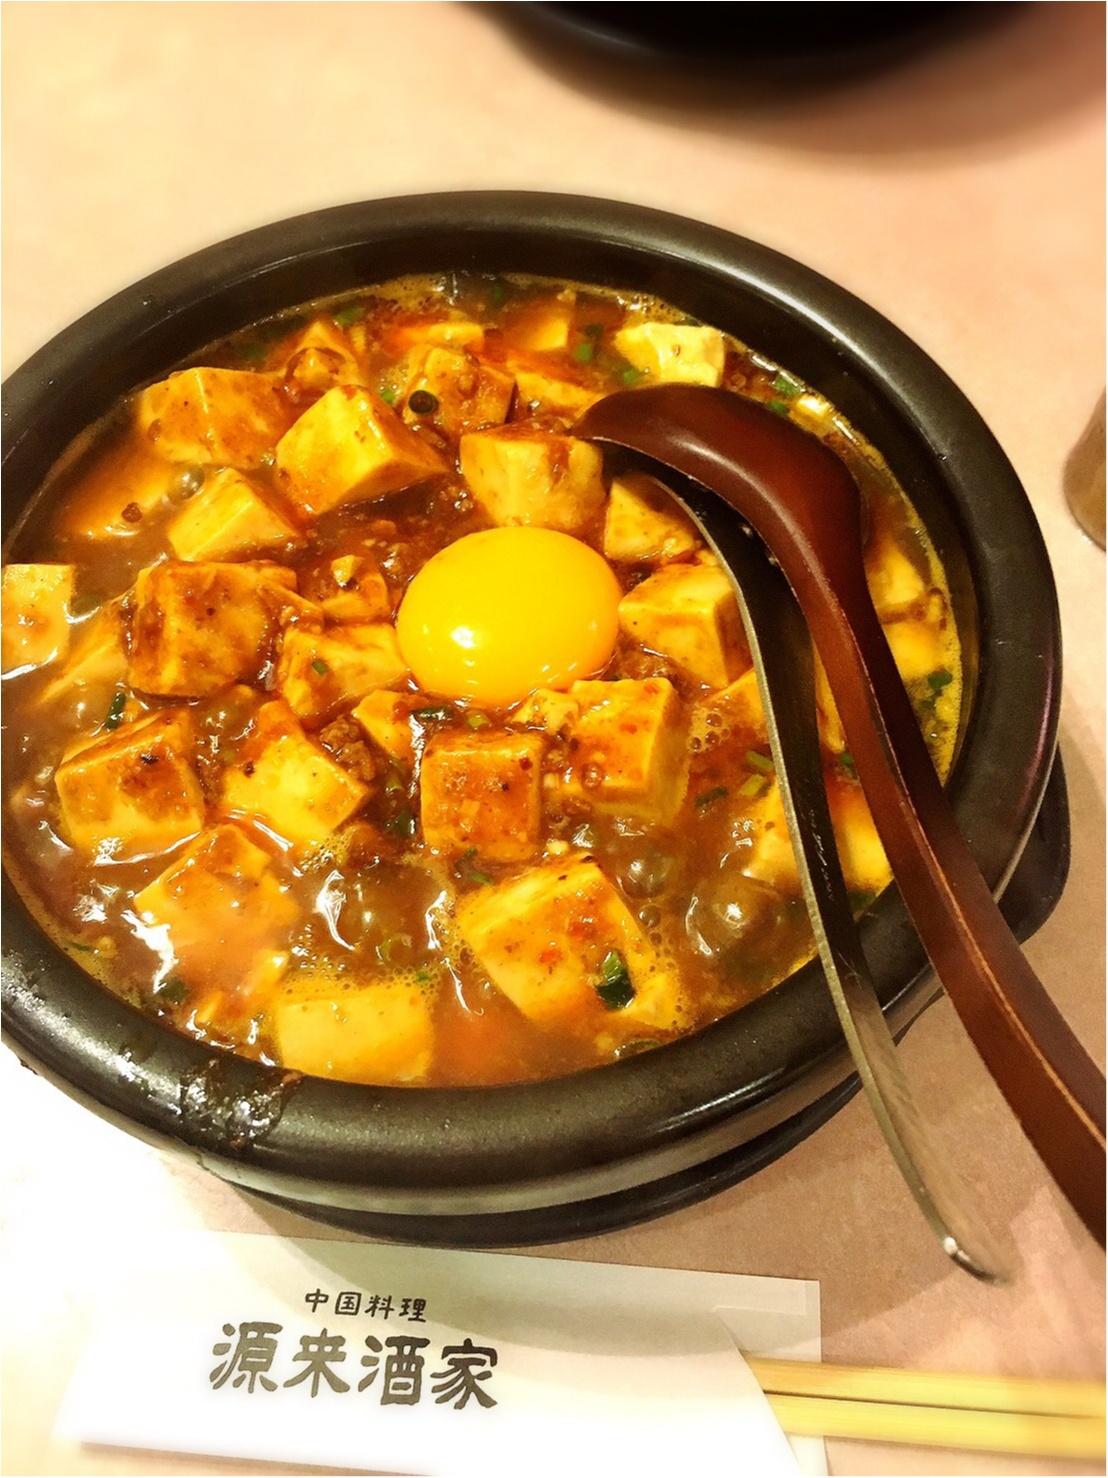 佐藤ありさちゃんも紹介していた麻婆麺を食べてきました♡_1